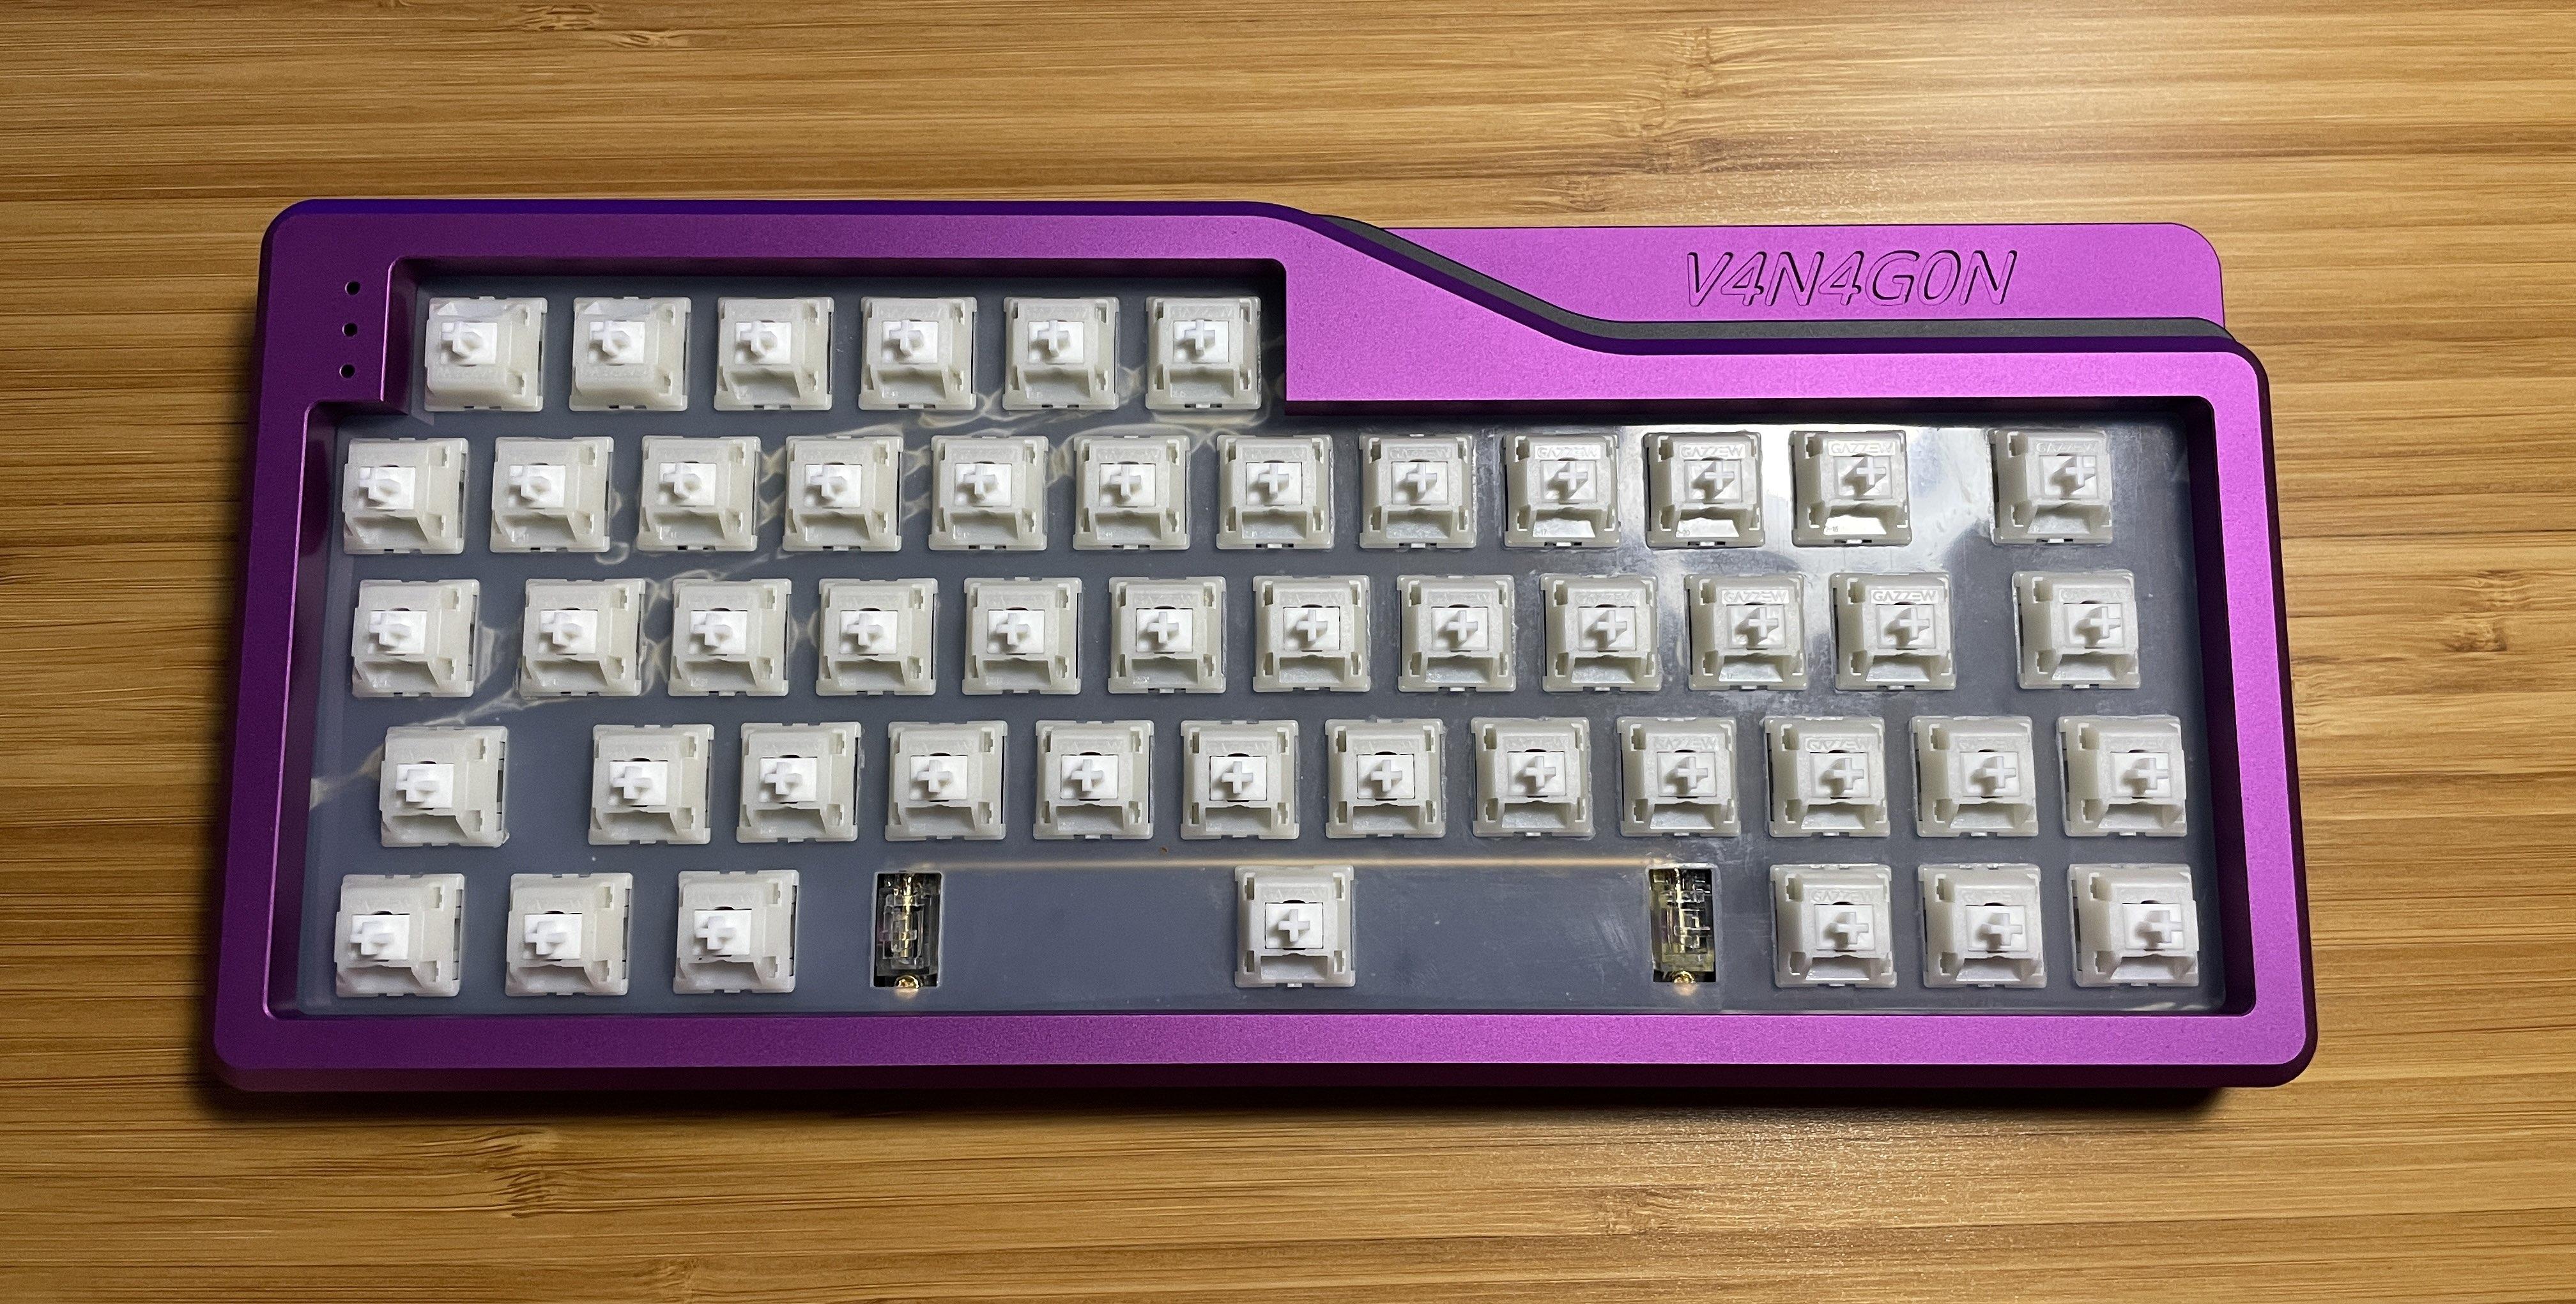 Render of V4N4G0N R2 case in black-violet-black colorway